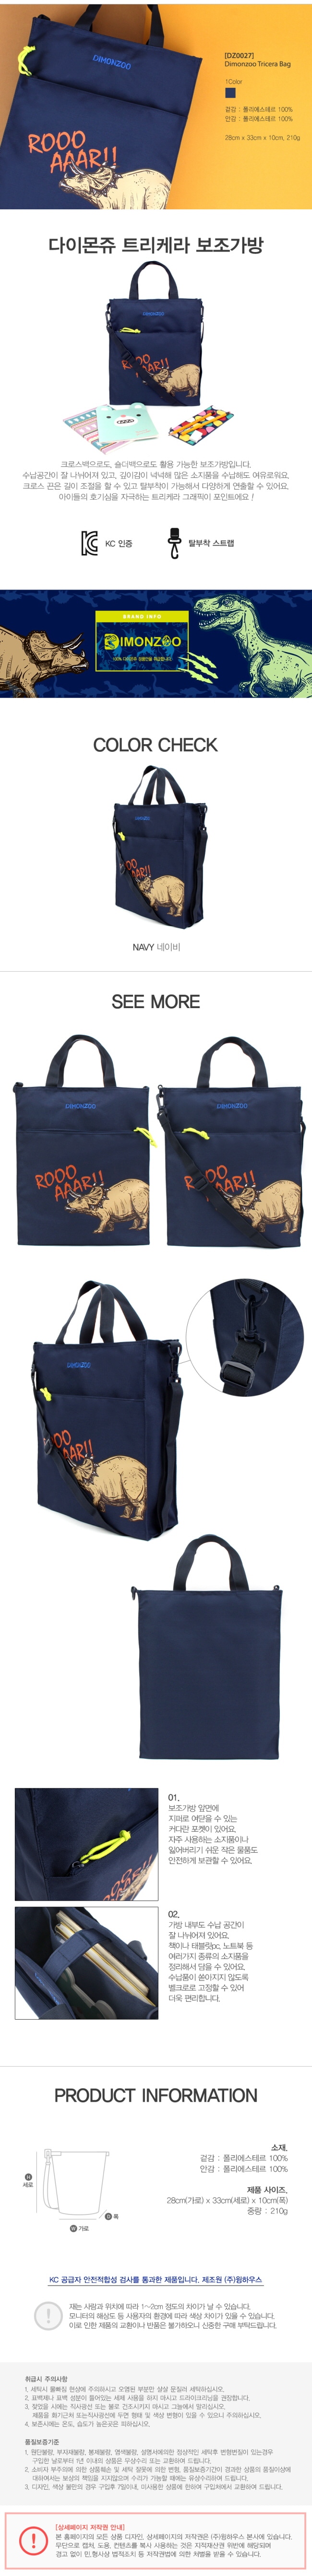 다이몬쥬 트리케라 보조가방 - 키티야, 18,400원, 가방, 크로스/숄더백